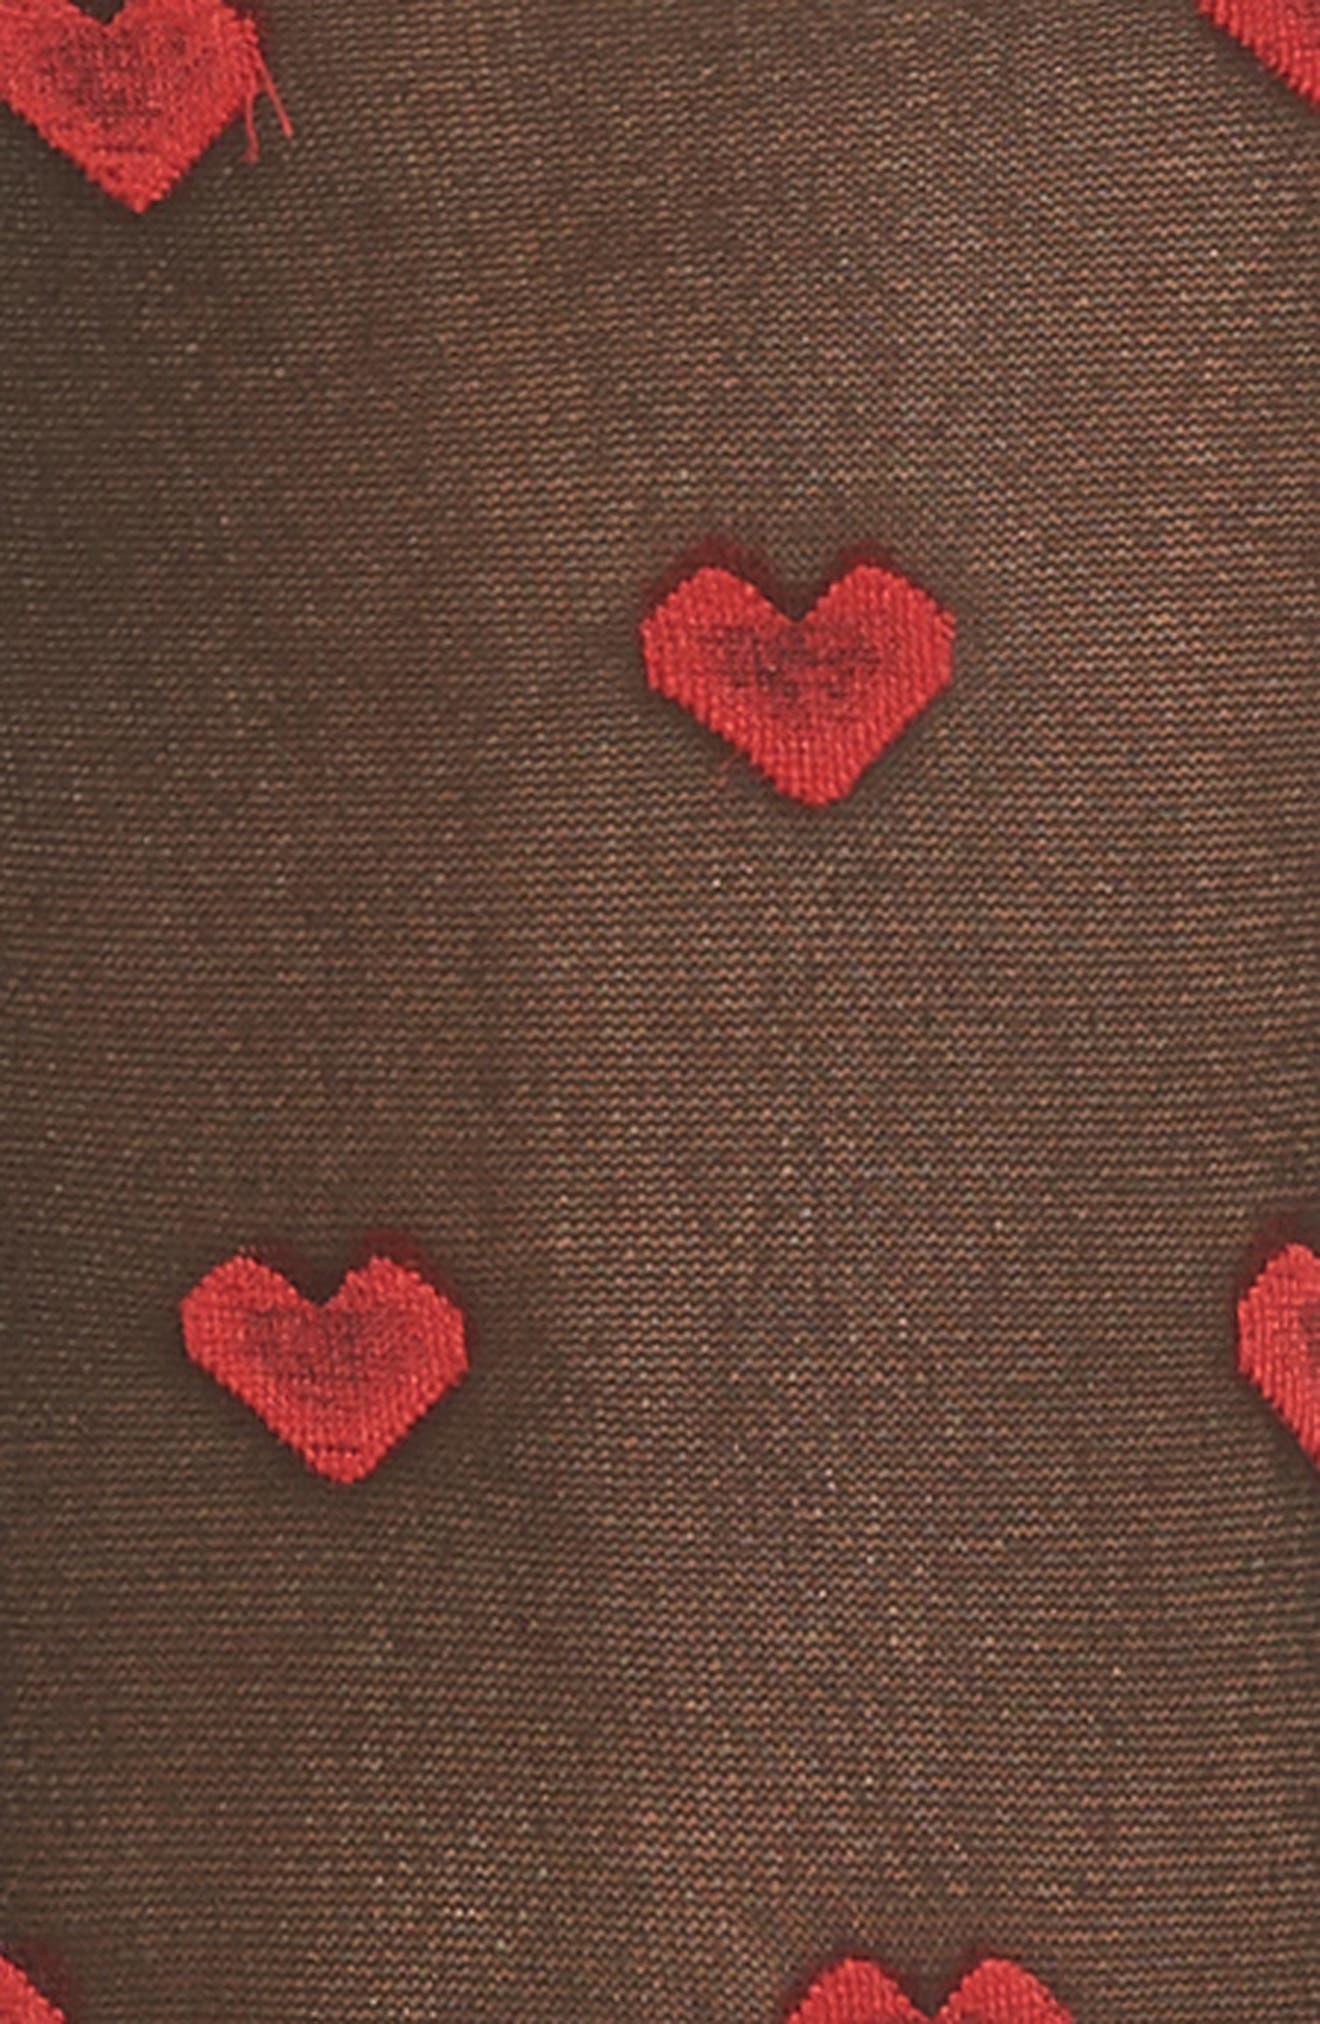 Heart Sheer Socks,                             Alternate thumbnail 2, color,                             Black